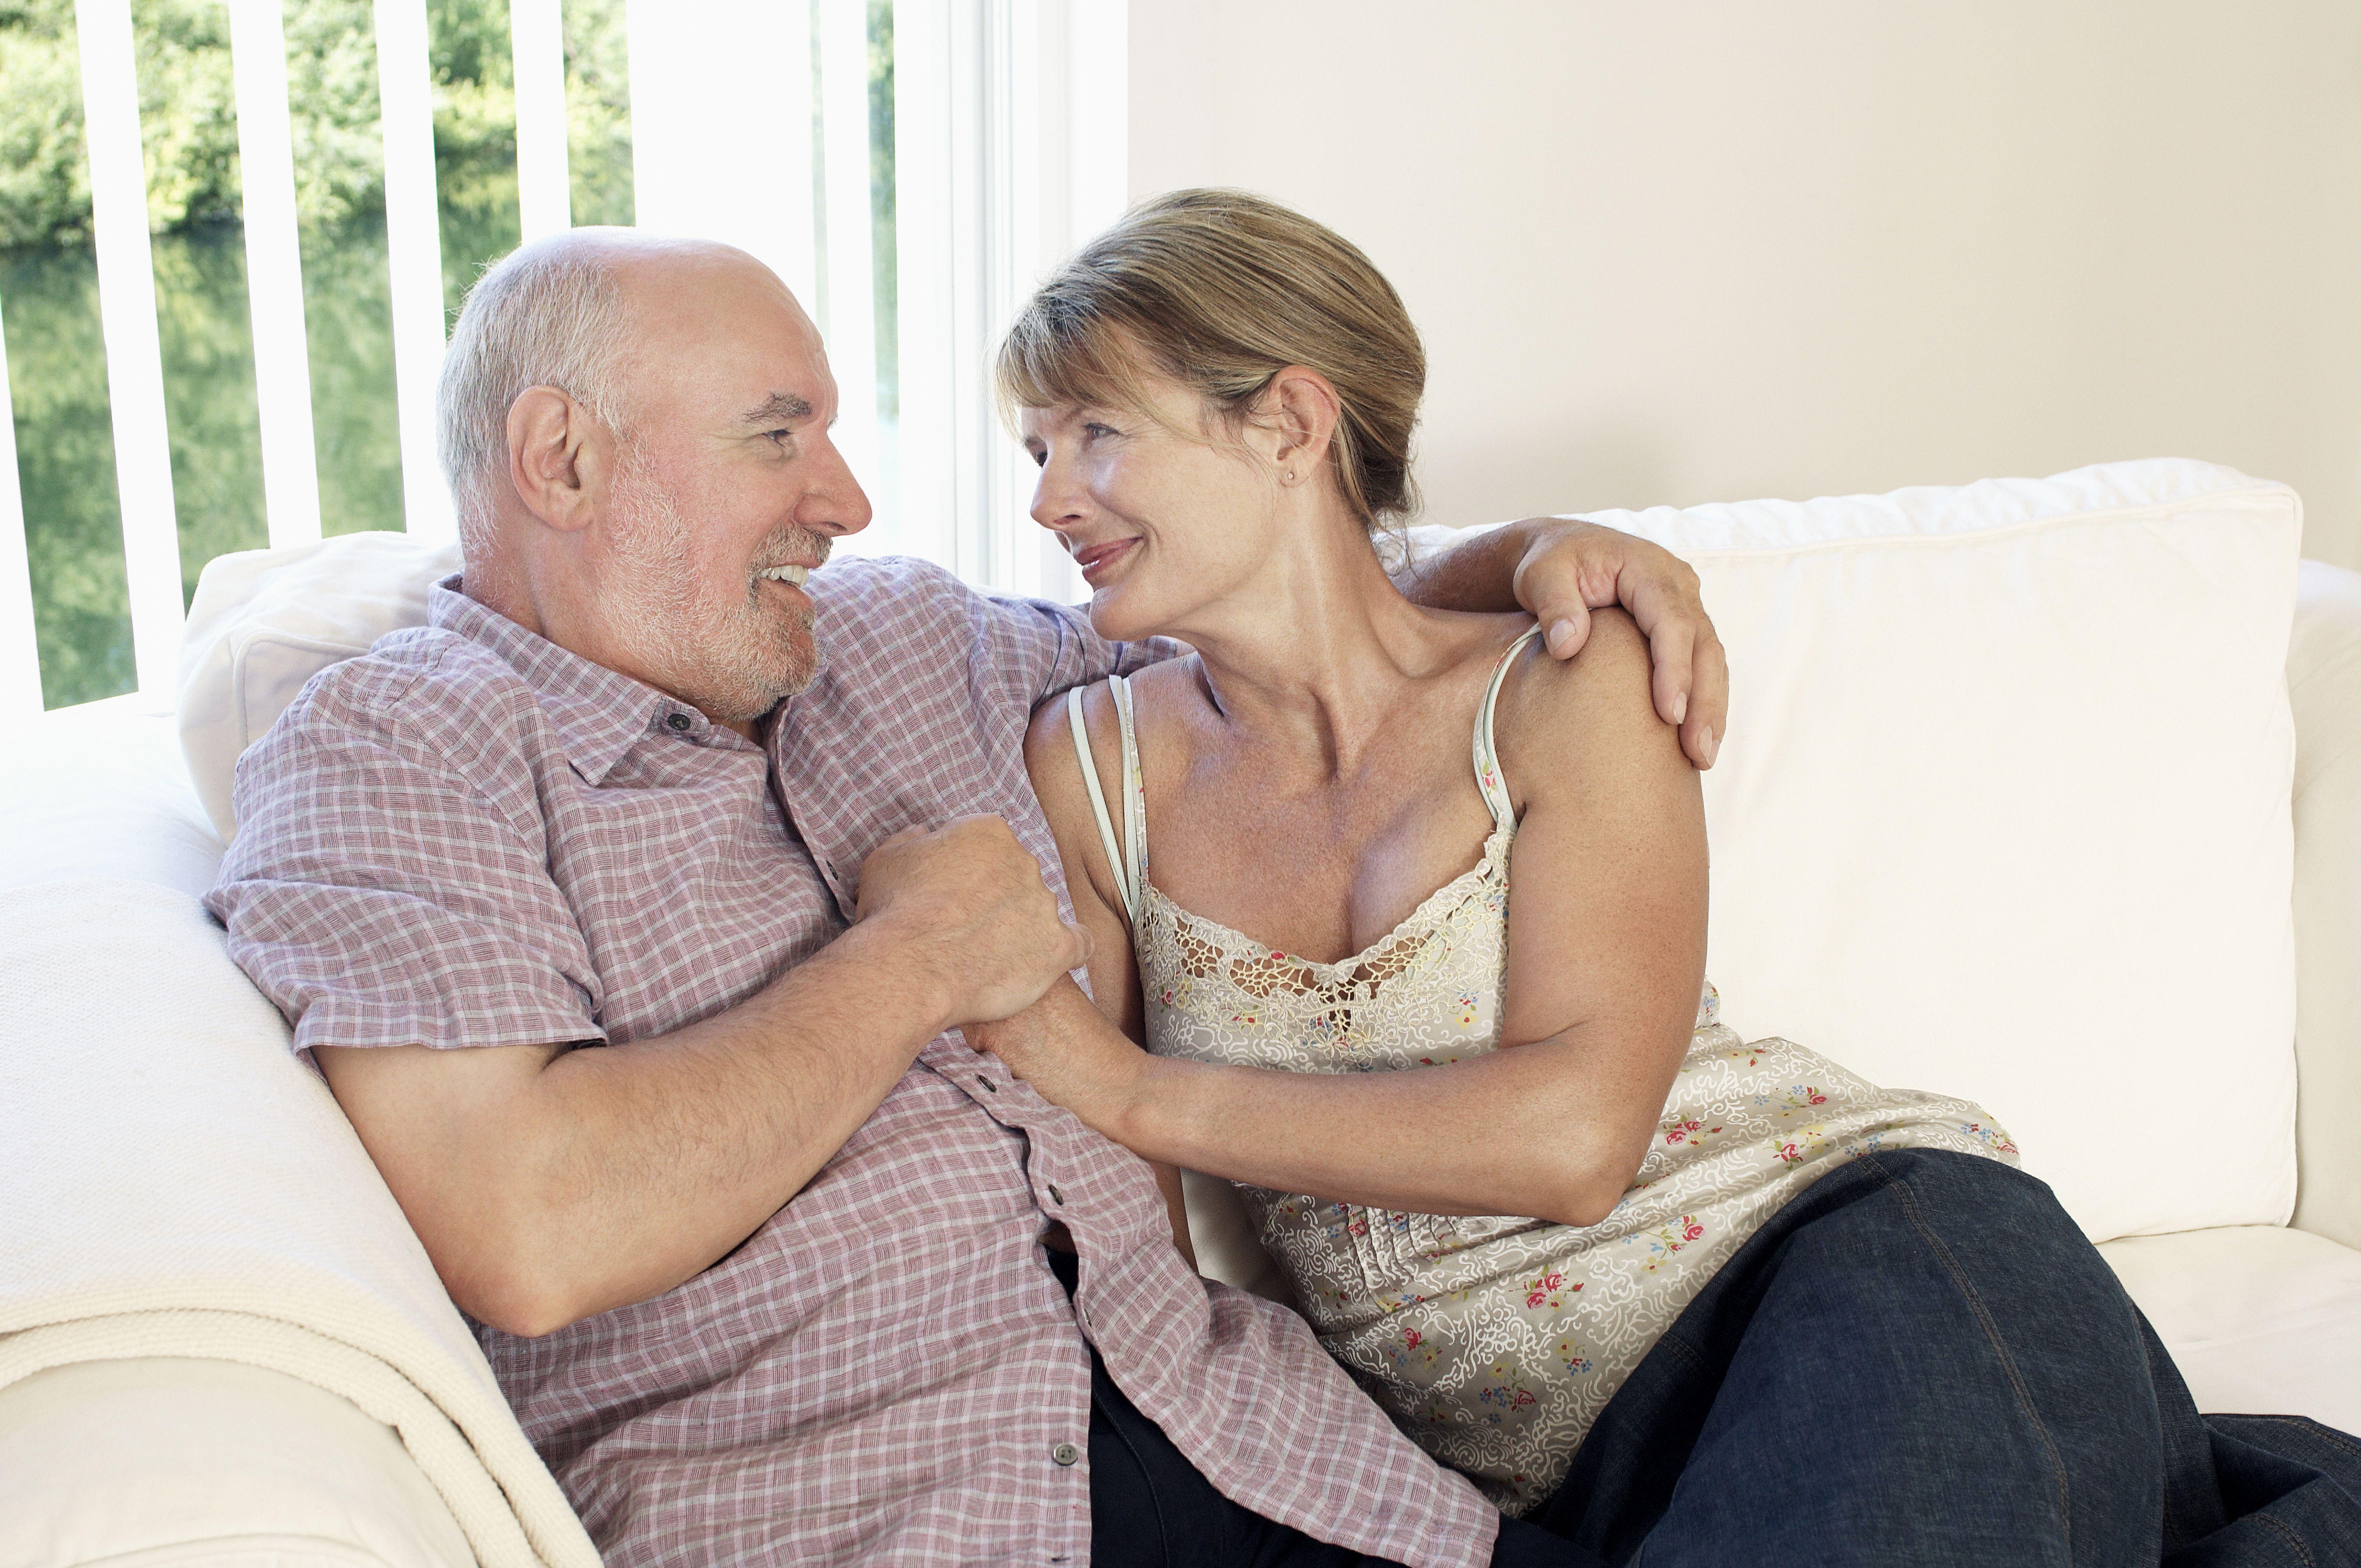 Каковы признаки импотенции у мужчин в 50 лет?